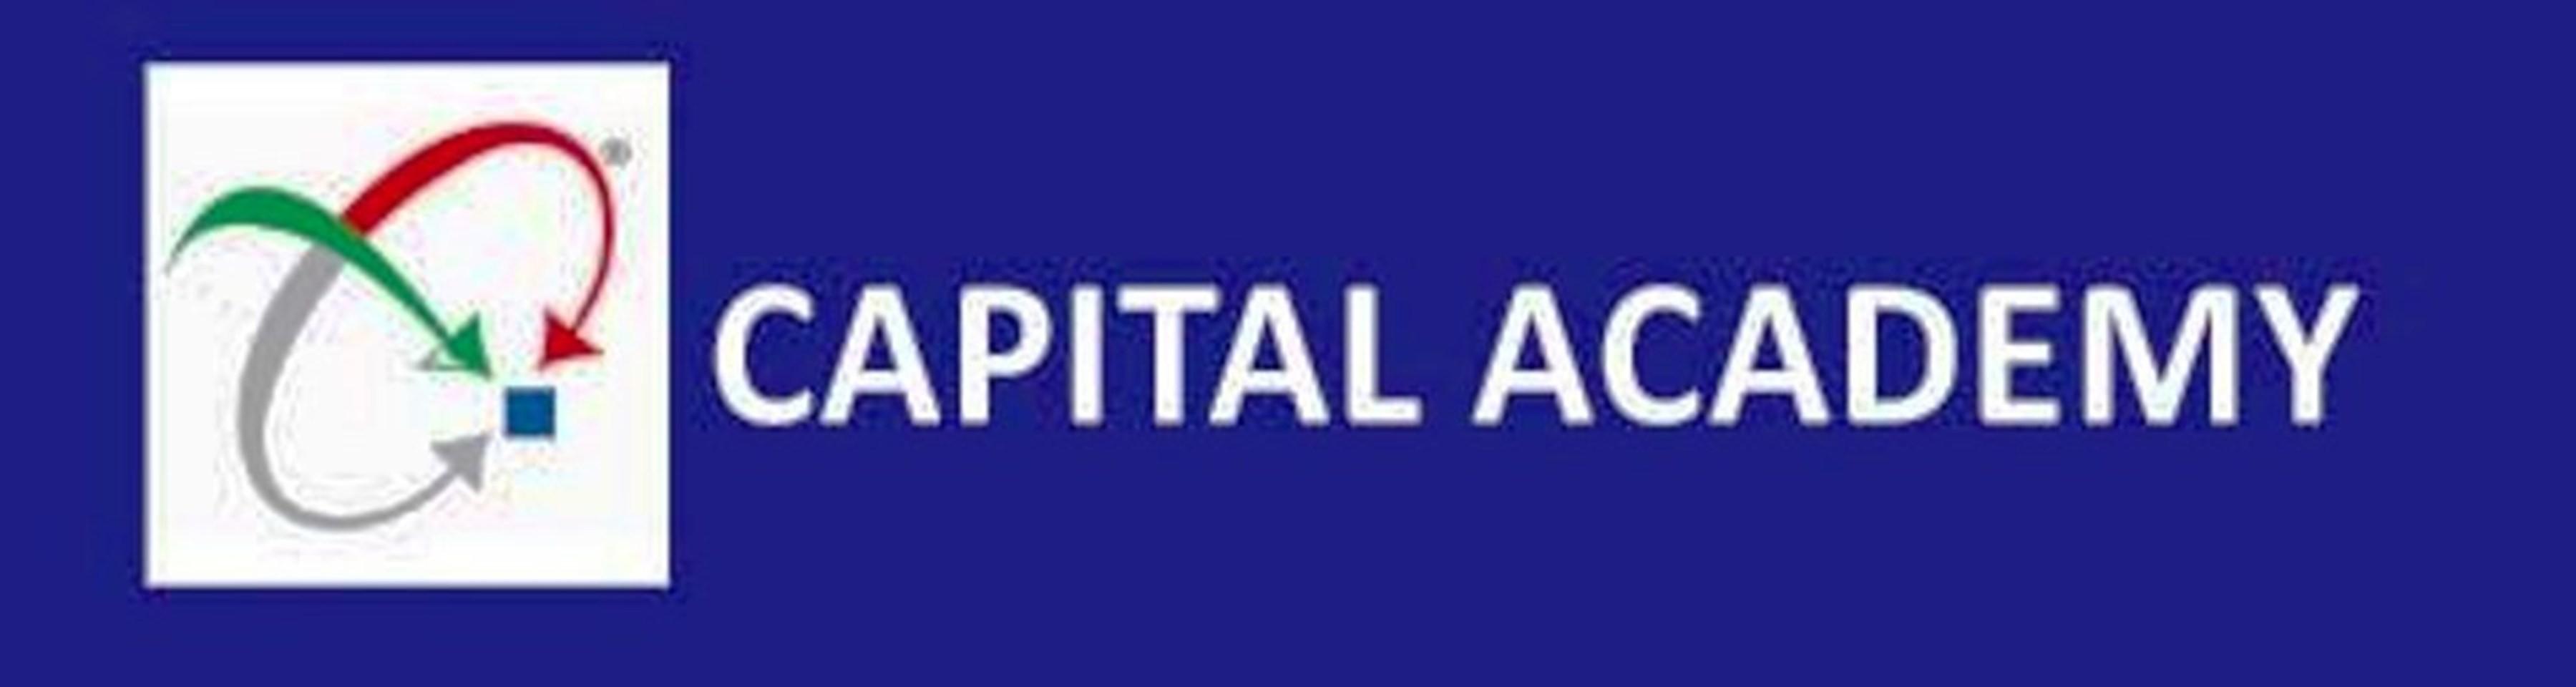 Capital Academy